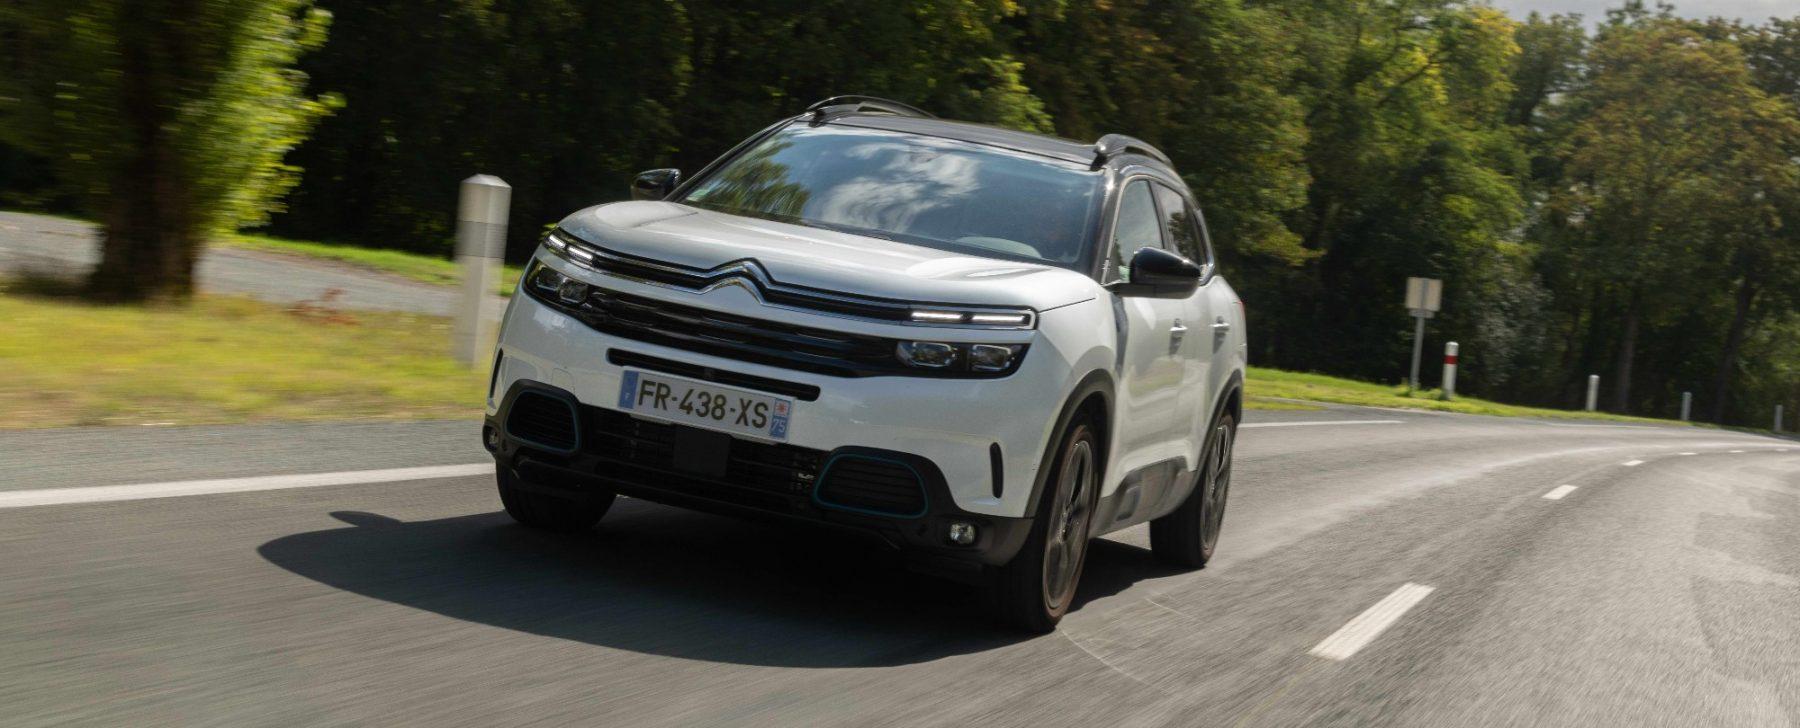 El buen precio y la comodidad del Citroën C5 Aircross híbrido enchufable